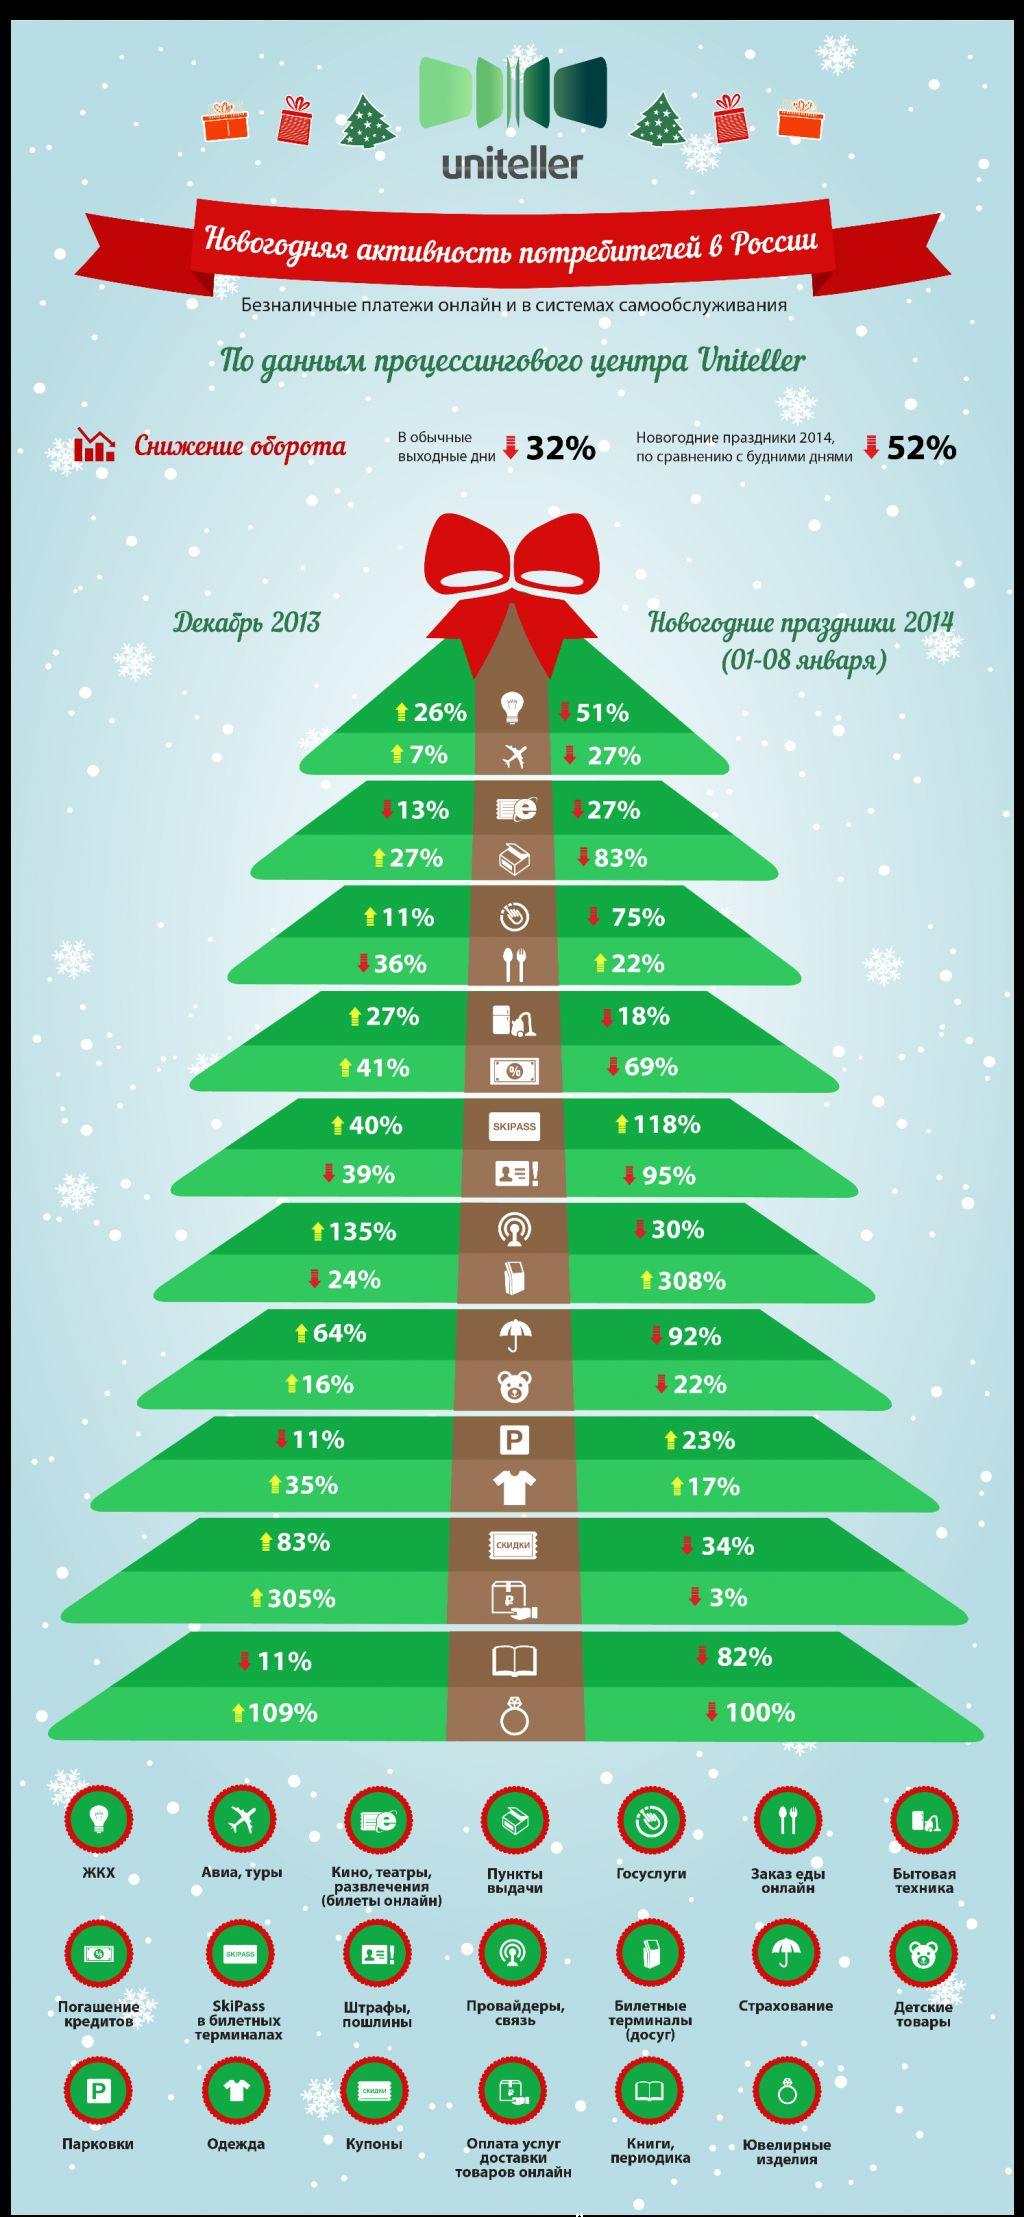 Потребительская активность в предновогодний и праздный периоды